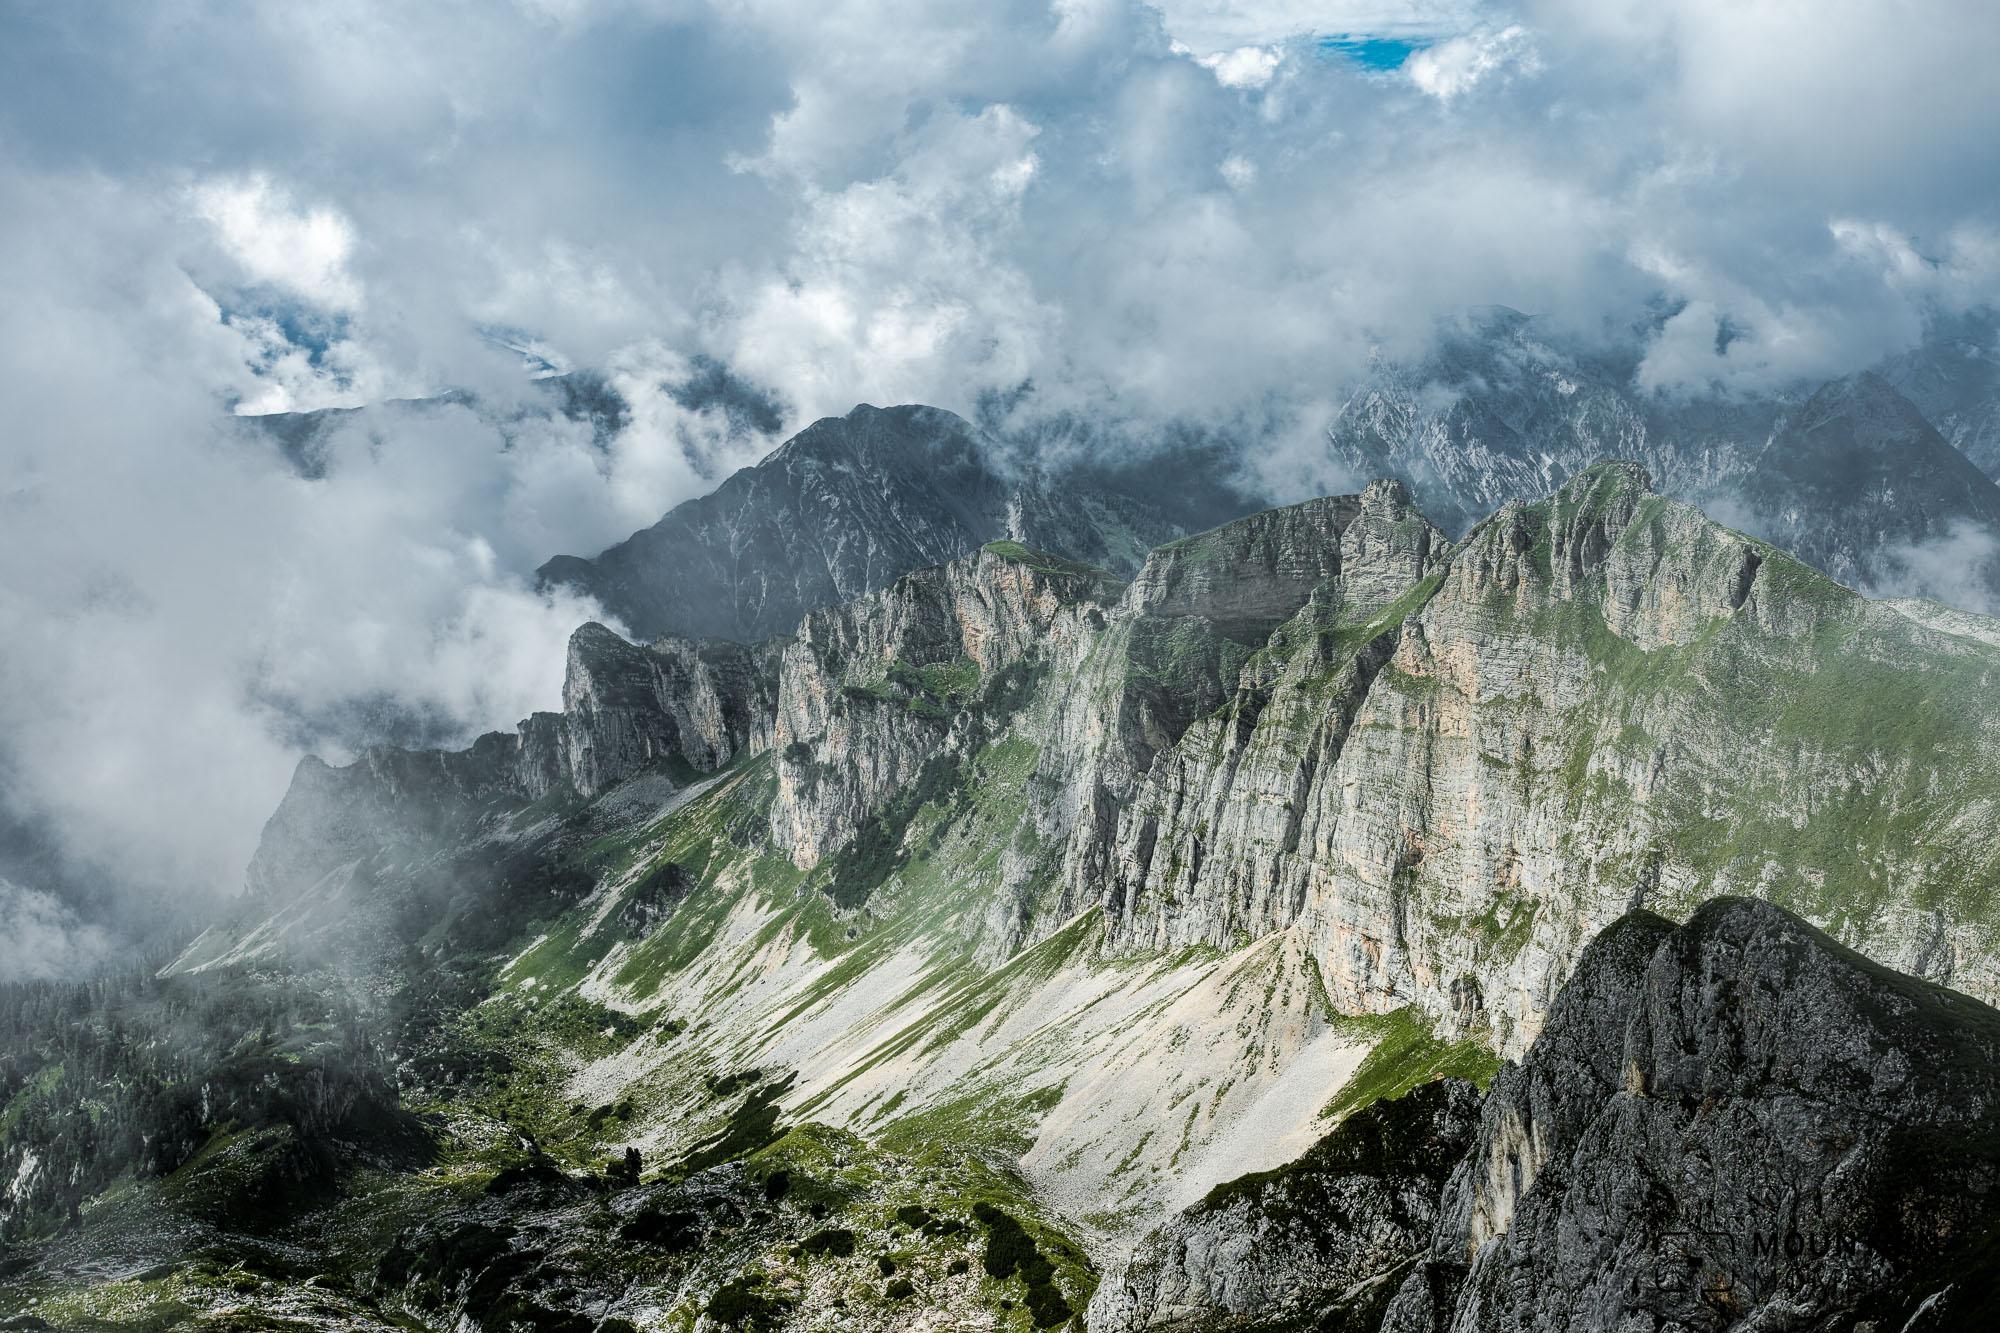 fotospot achensee, bärenkopf, hochiss, dalfazer wasserfall, sonnenaufgang, skitour achensee, wanderung achensee